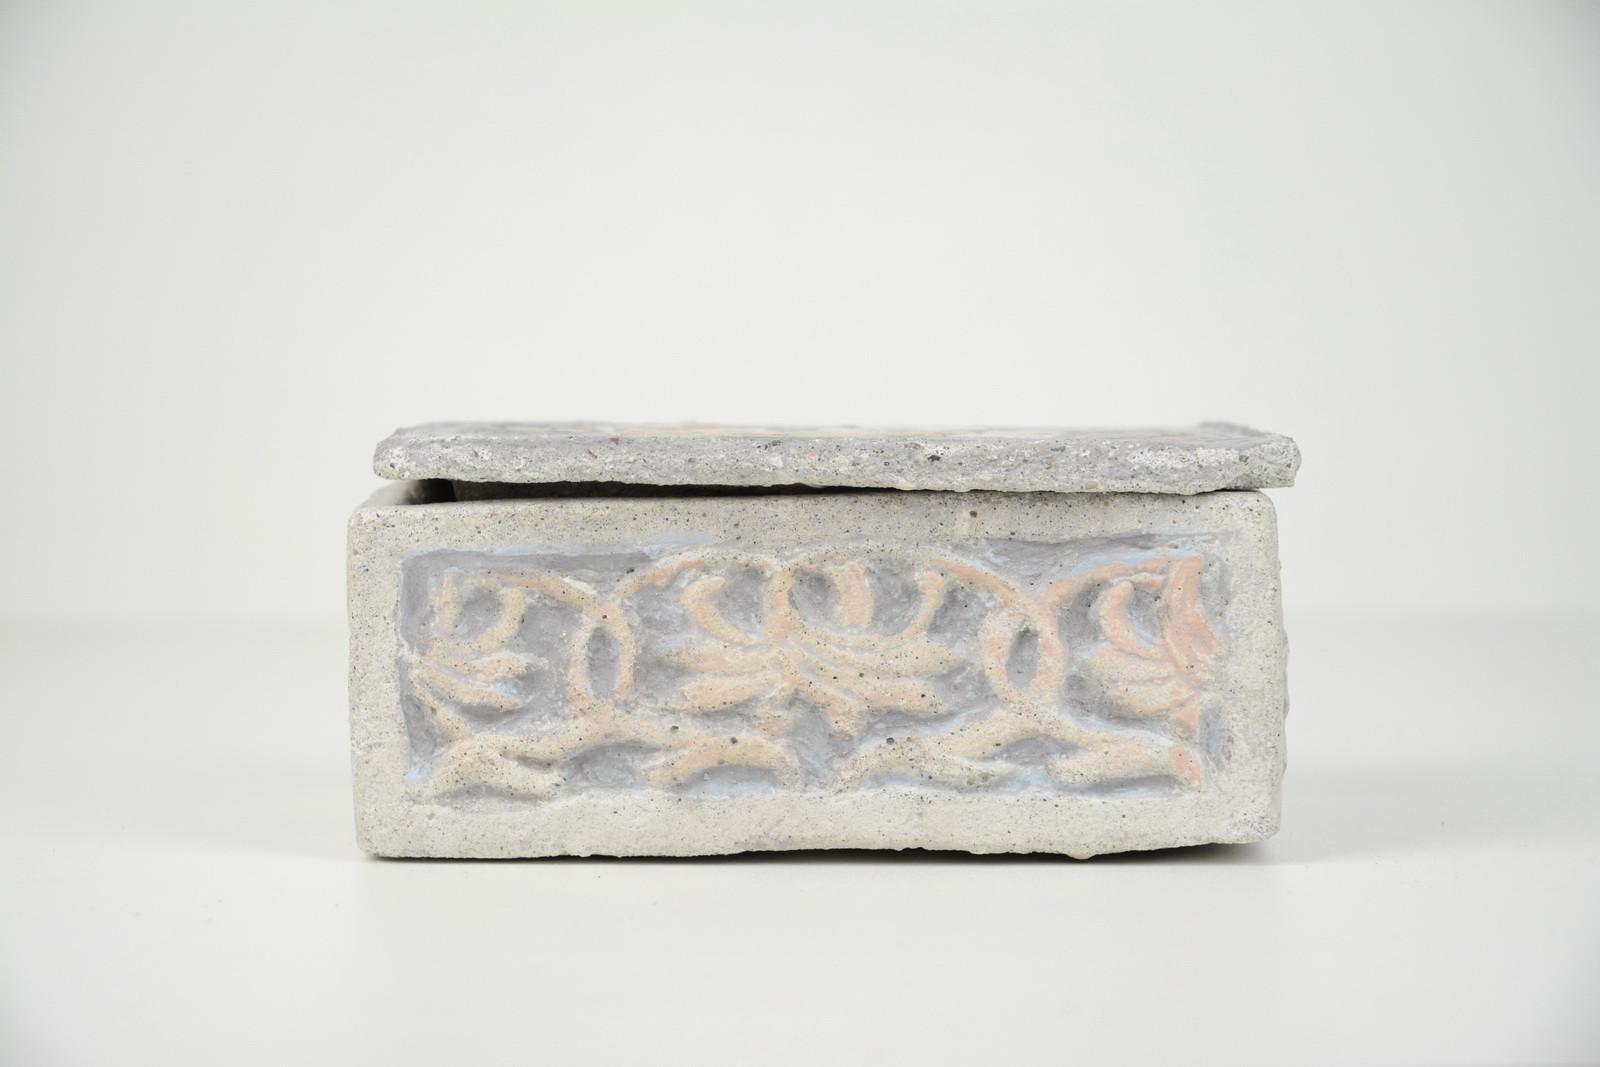 scatola-in-pietra-di-montovolo-zabbini-2,2147.jpg?WebbinsCacheCounter=1